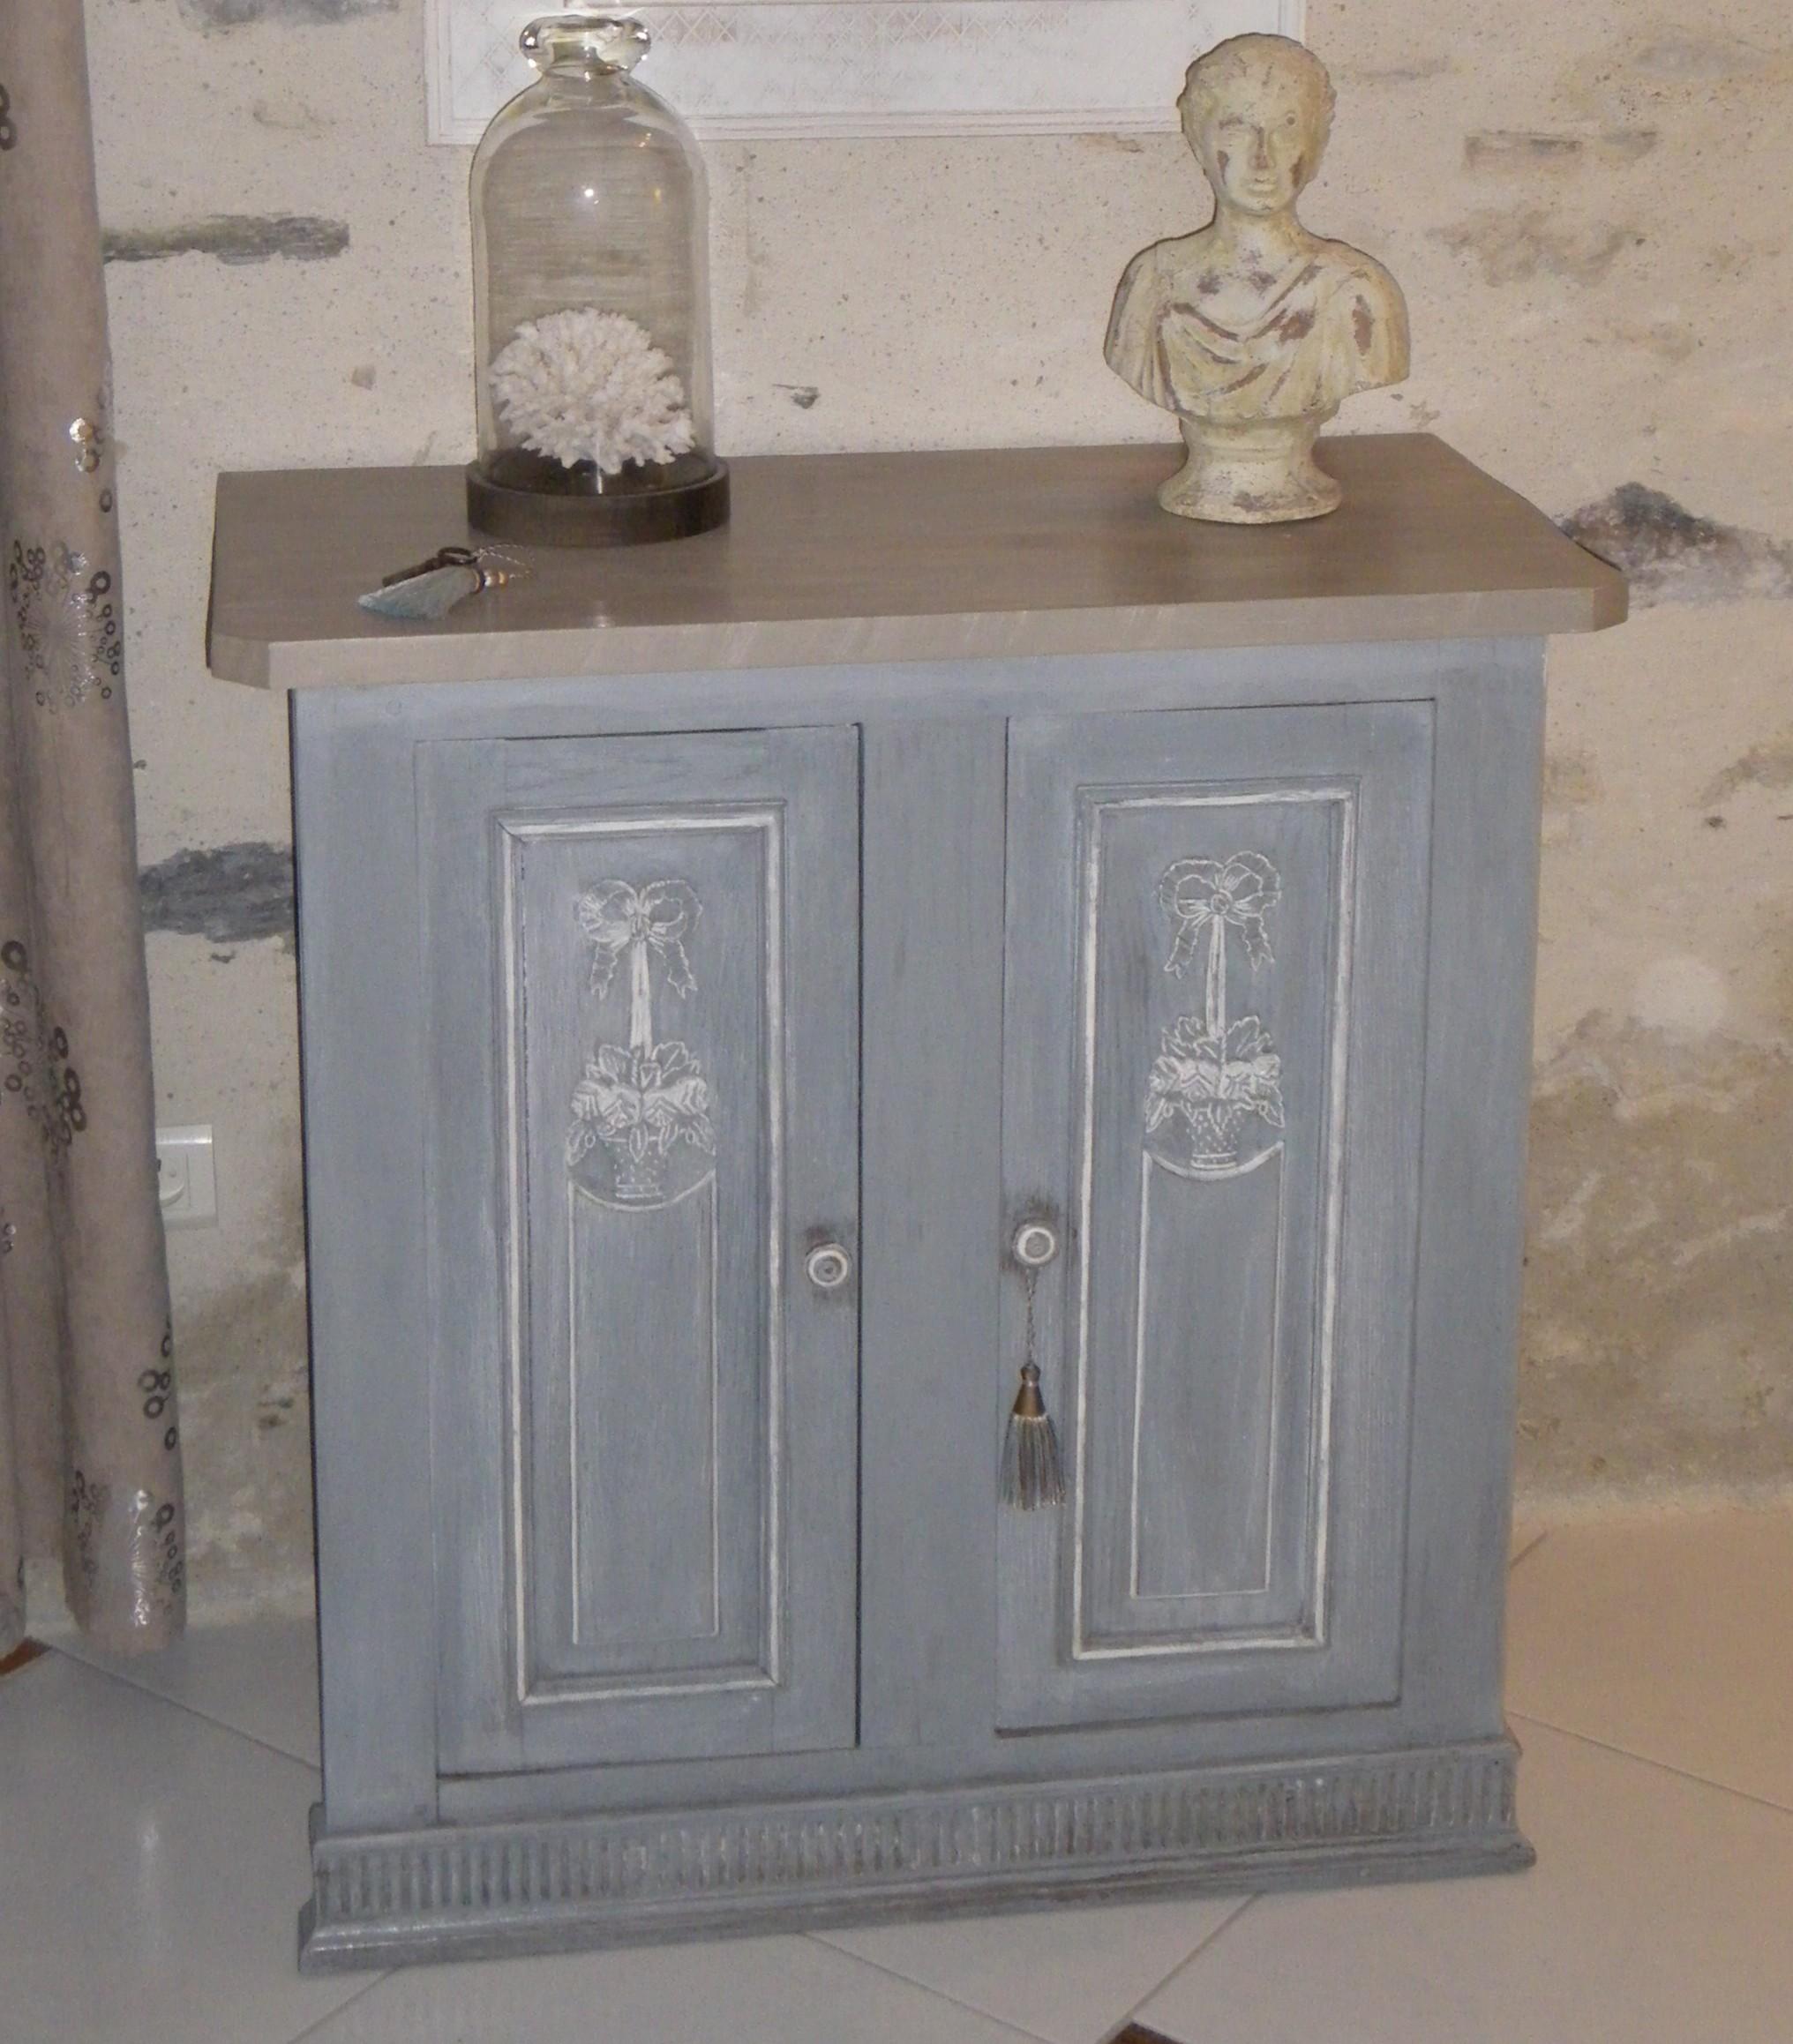 Petit meuble portes anciennes anjoudeco for Petit meuble une porte